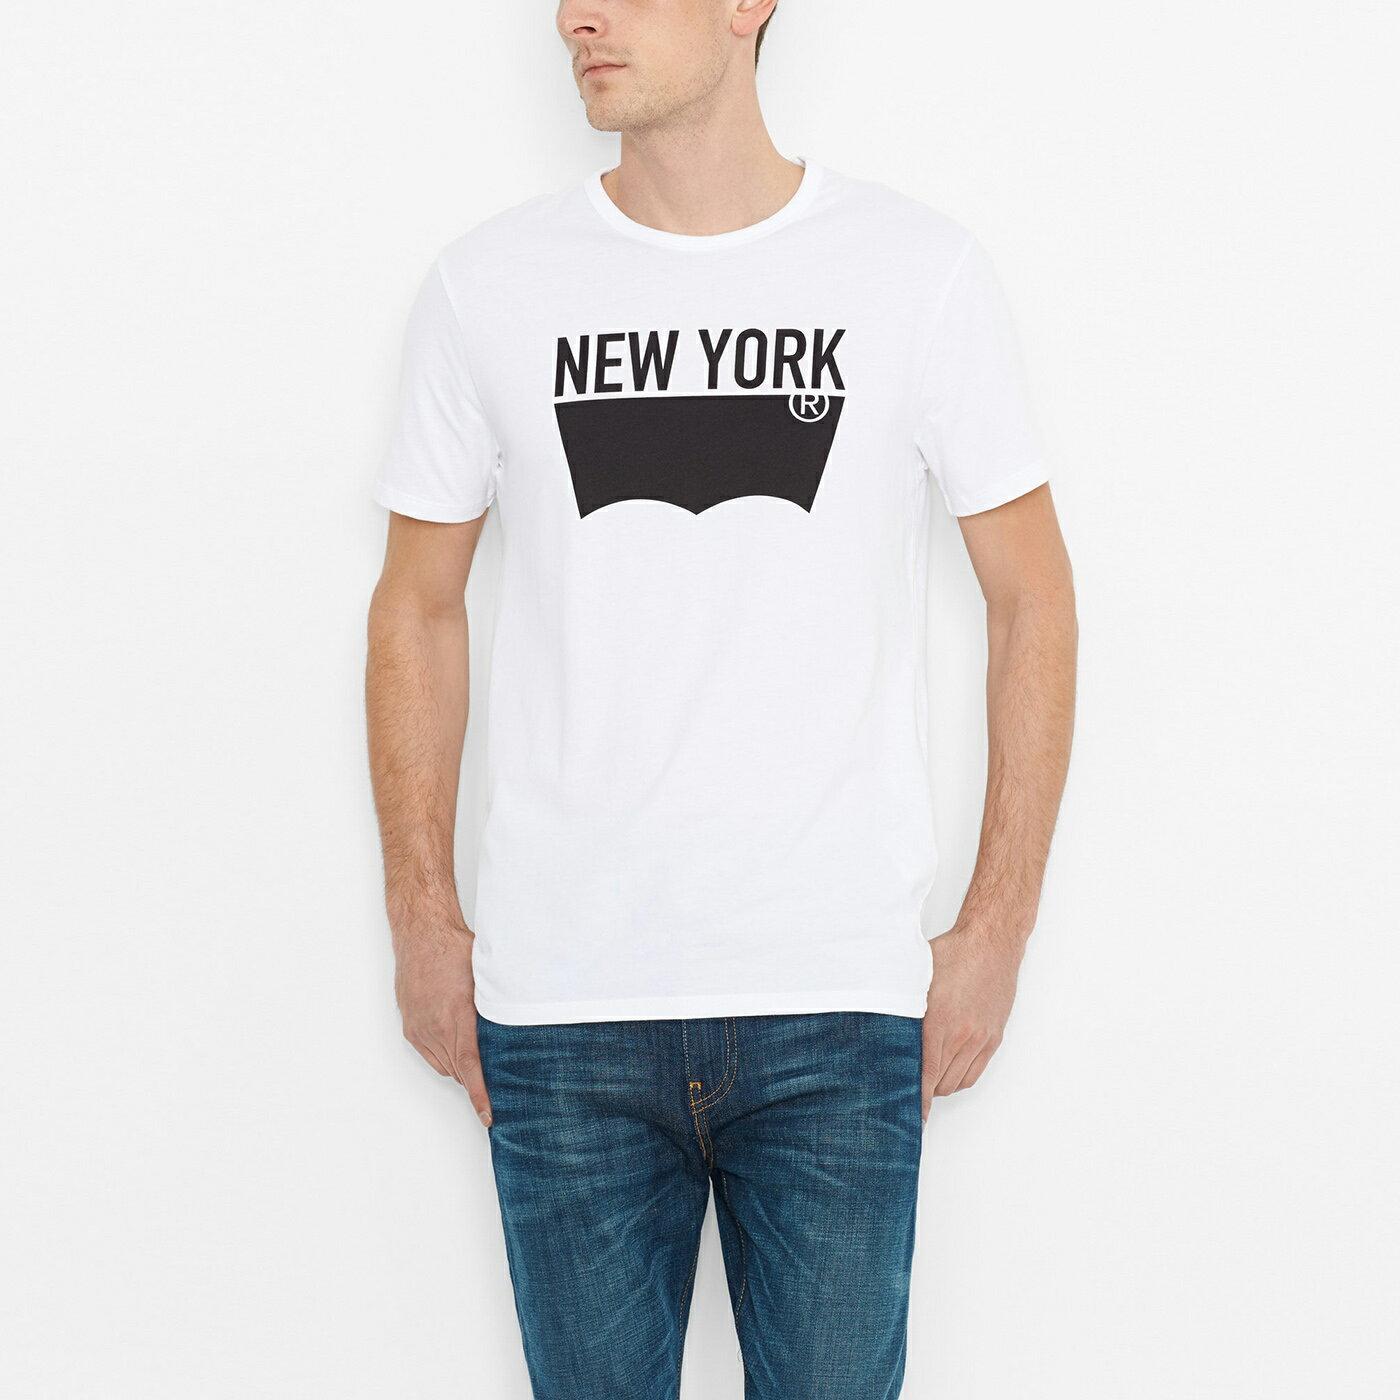 美國百分百【全新真品】Levis 短袖 T恤 logo 男 T-shirt 上衣 經典 NYC 短T 白 S號 F747